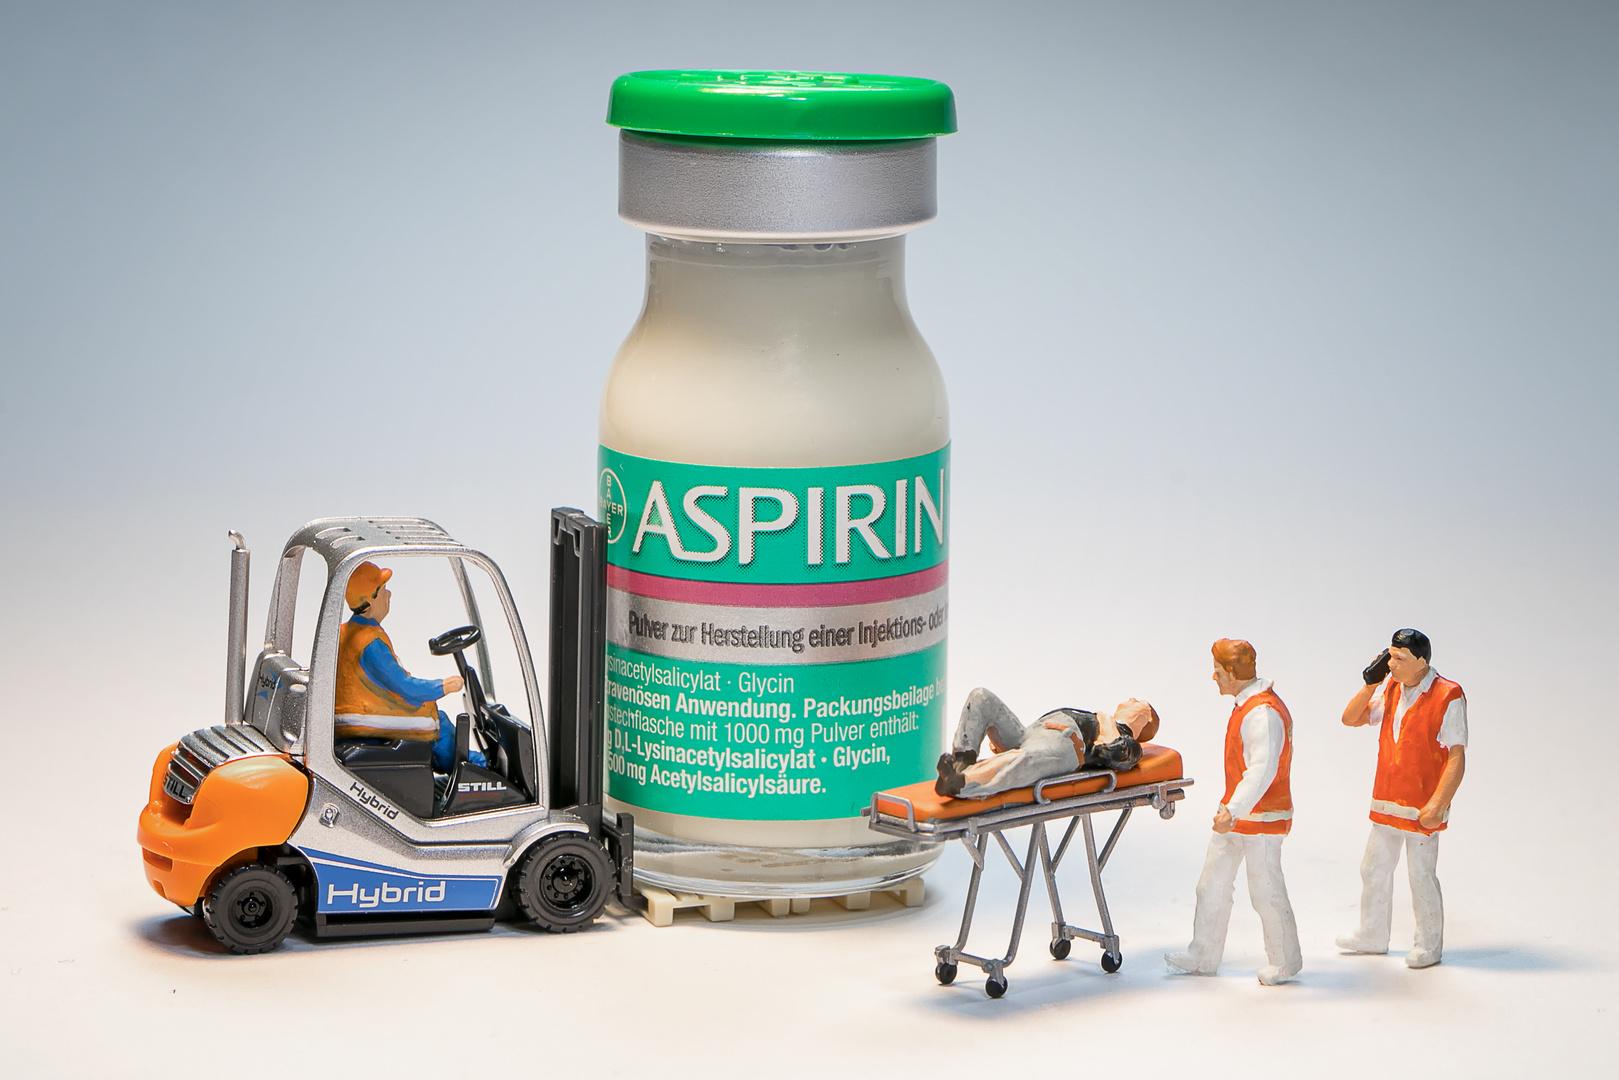 Gegen starke Kopfschmerzen hilft Aspirin